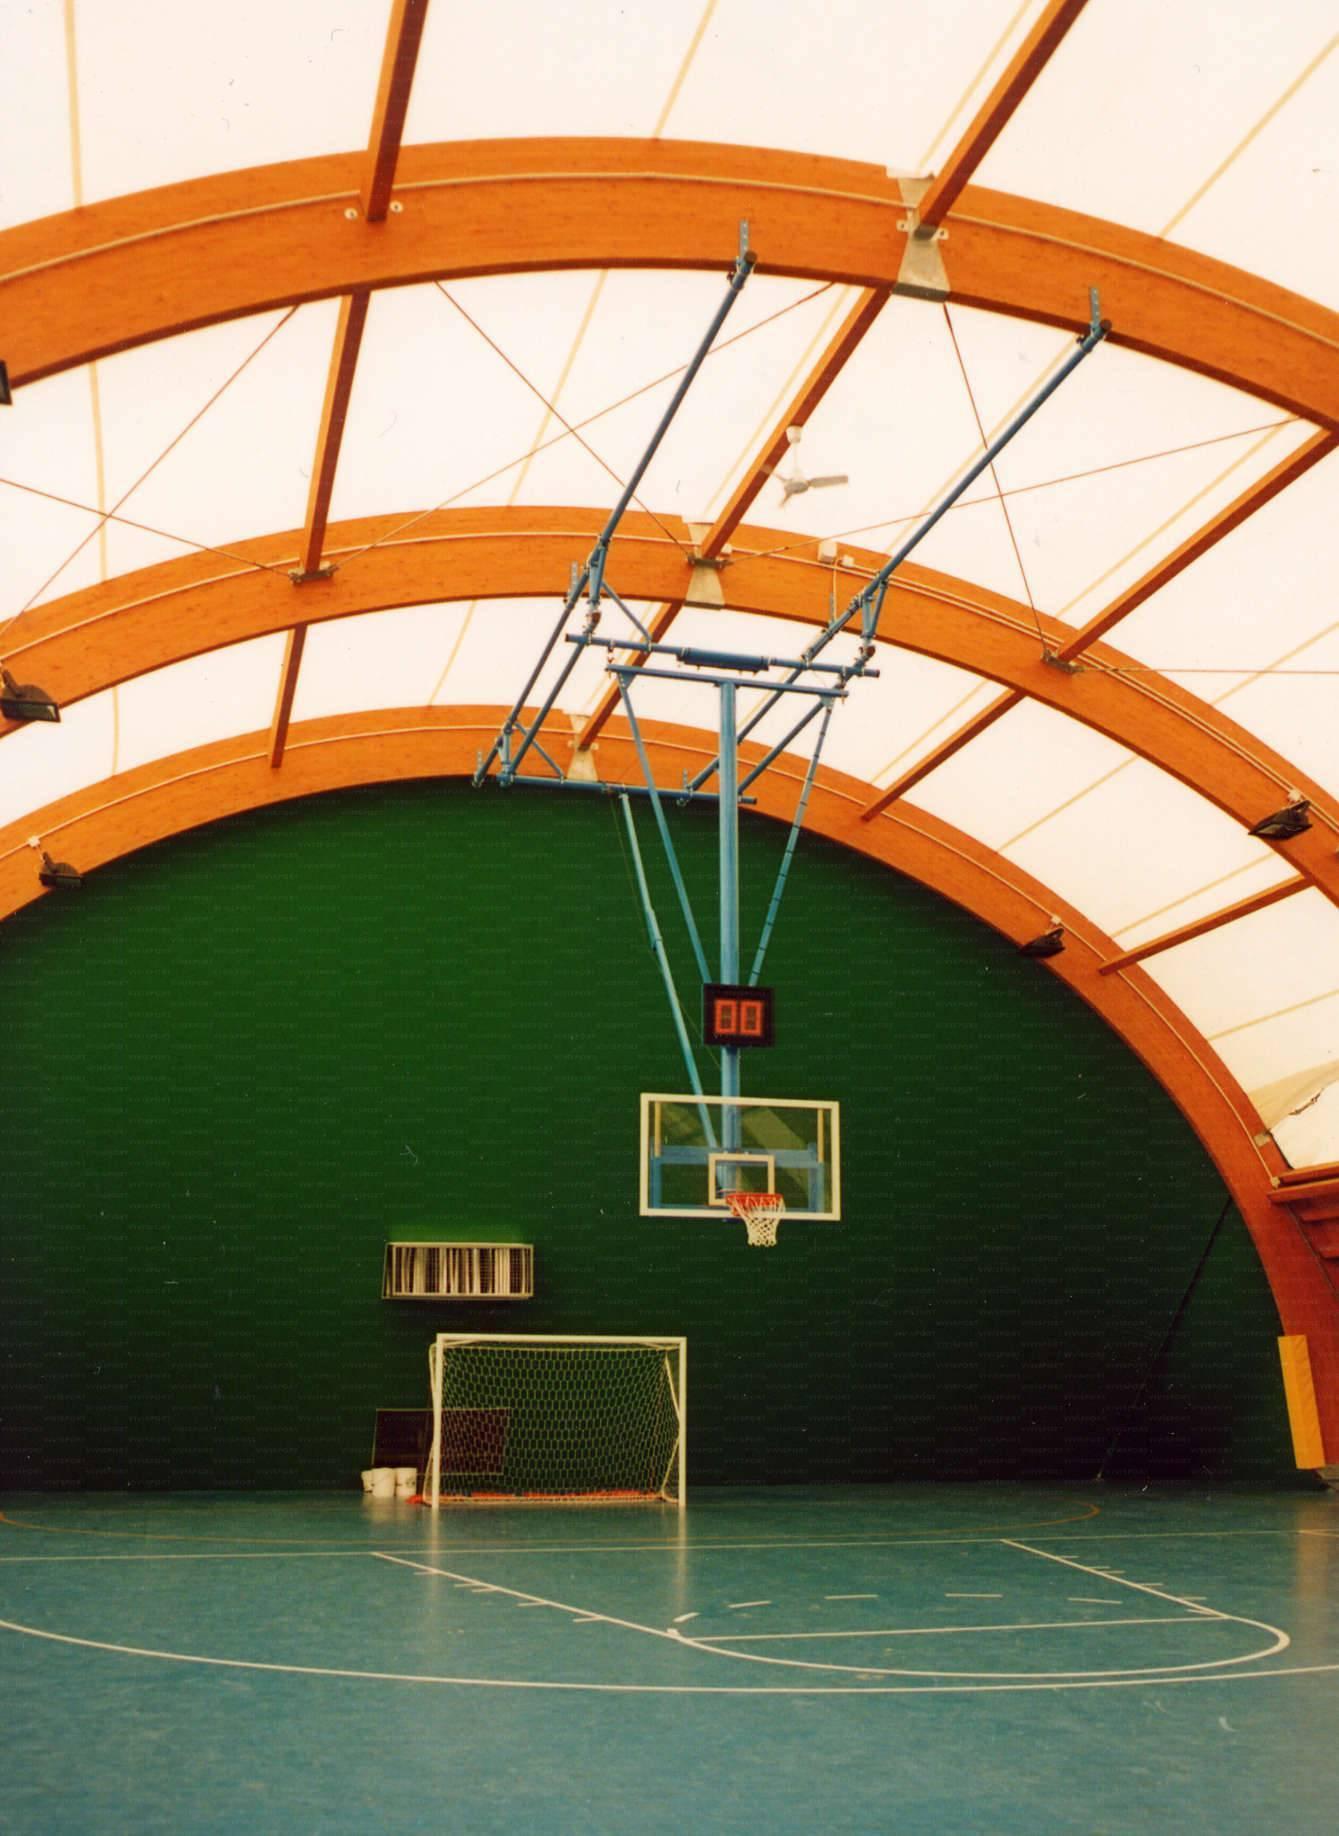 Impianto da basket a soffitto